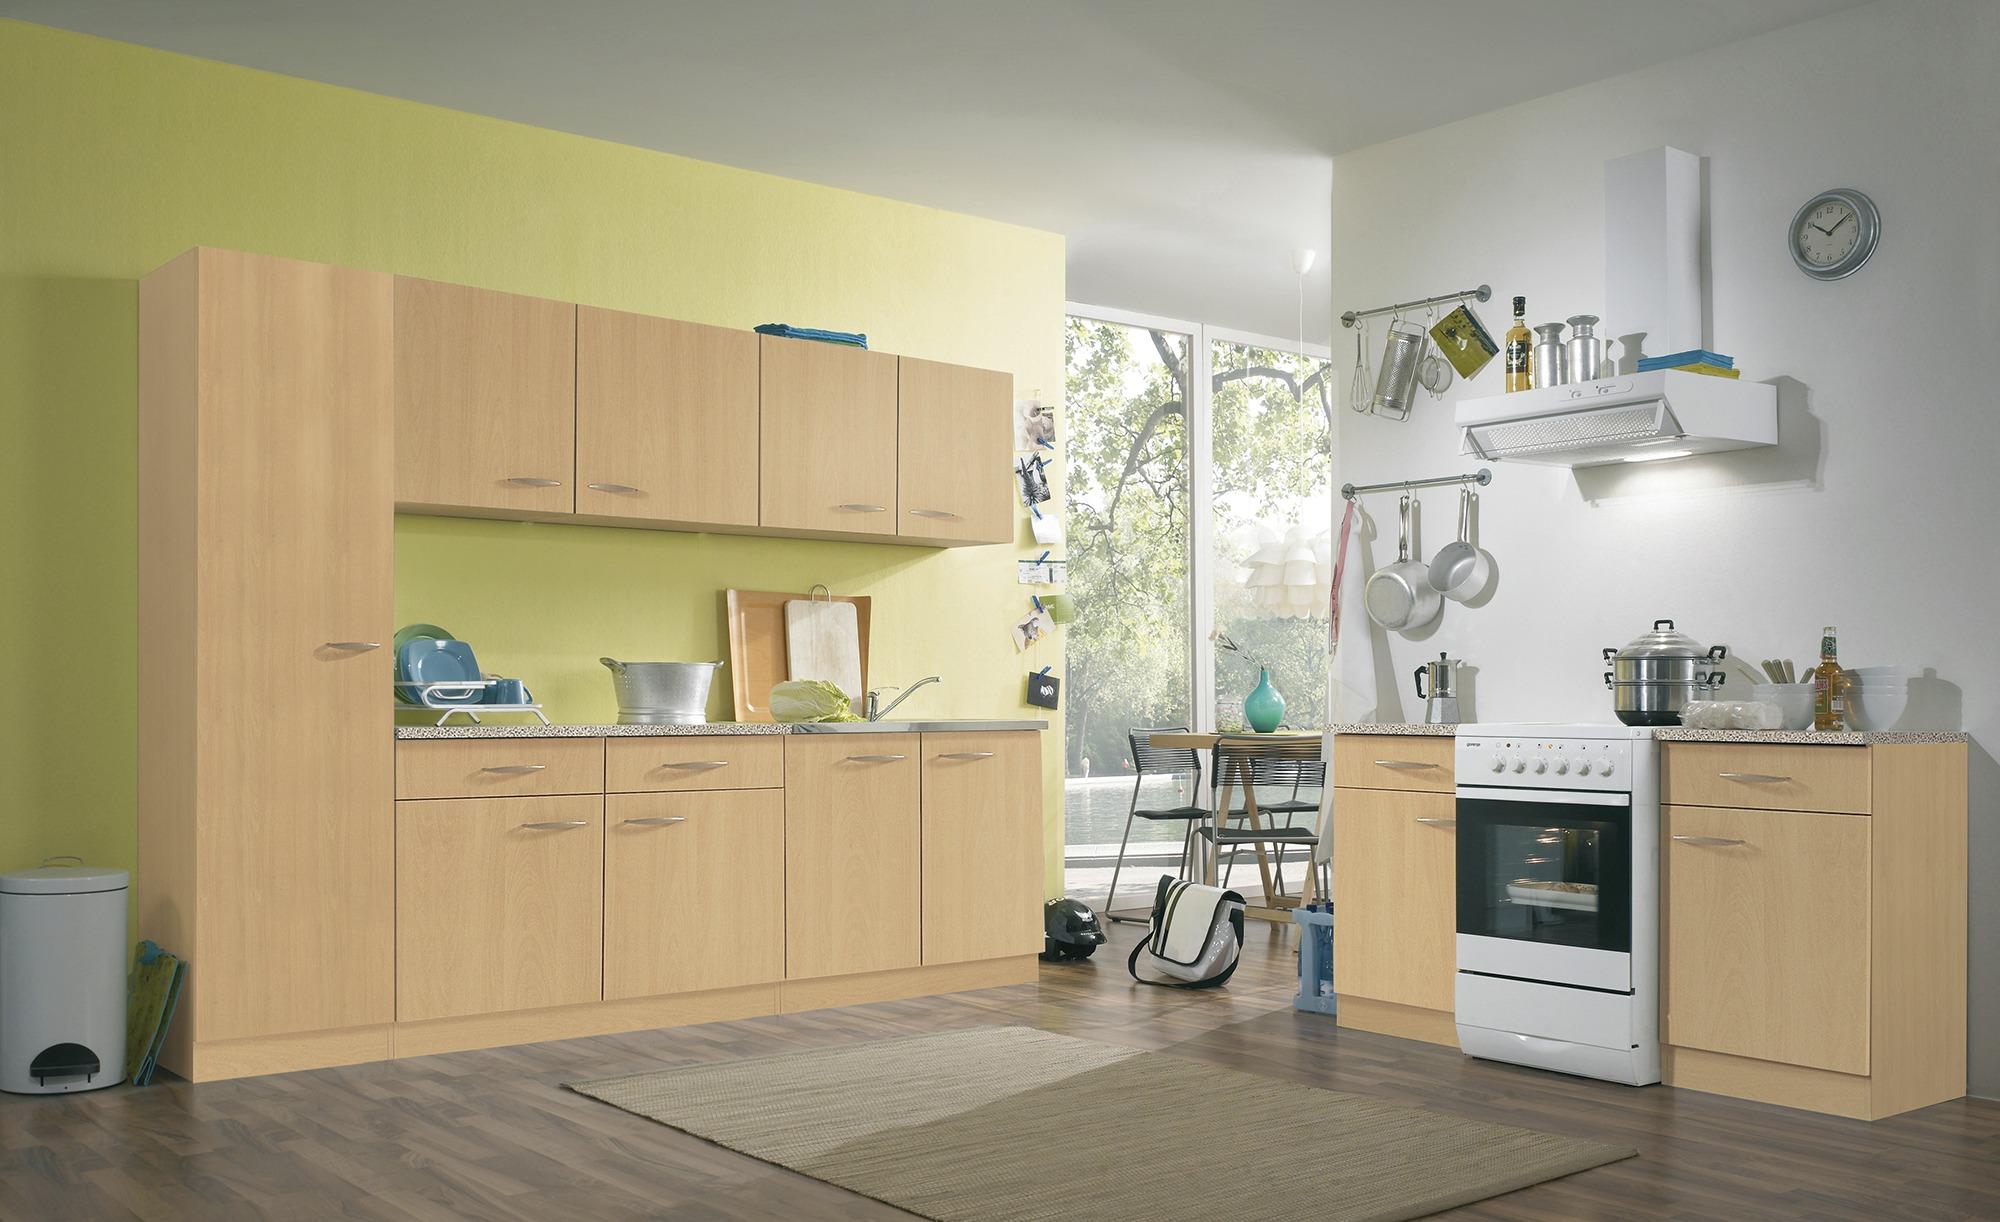 Full Size of Sconto Küchen Regal Wohnzimmer Sconto Küchen